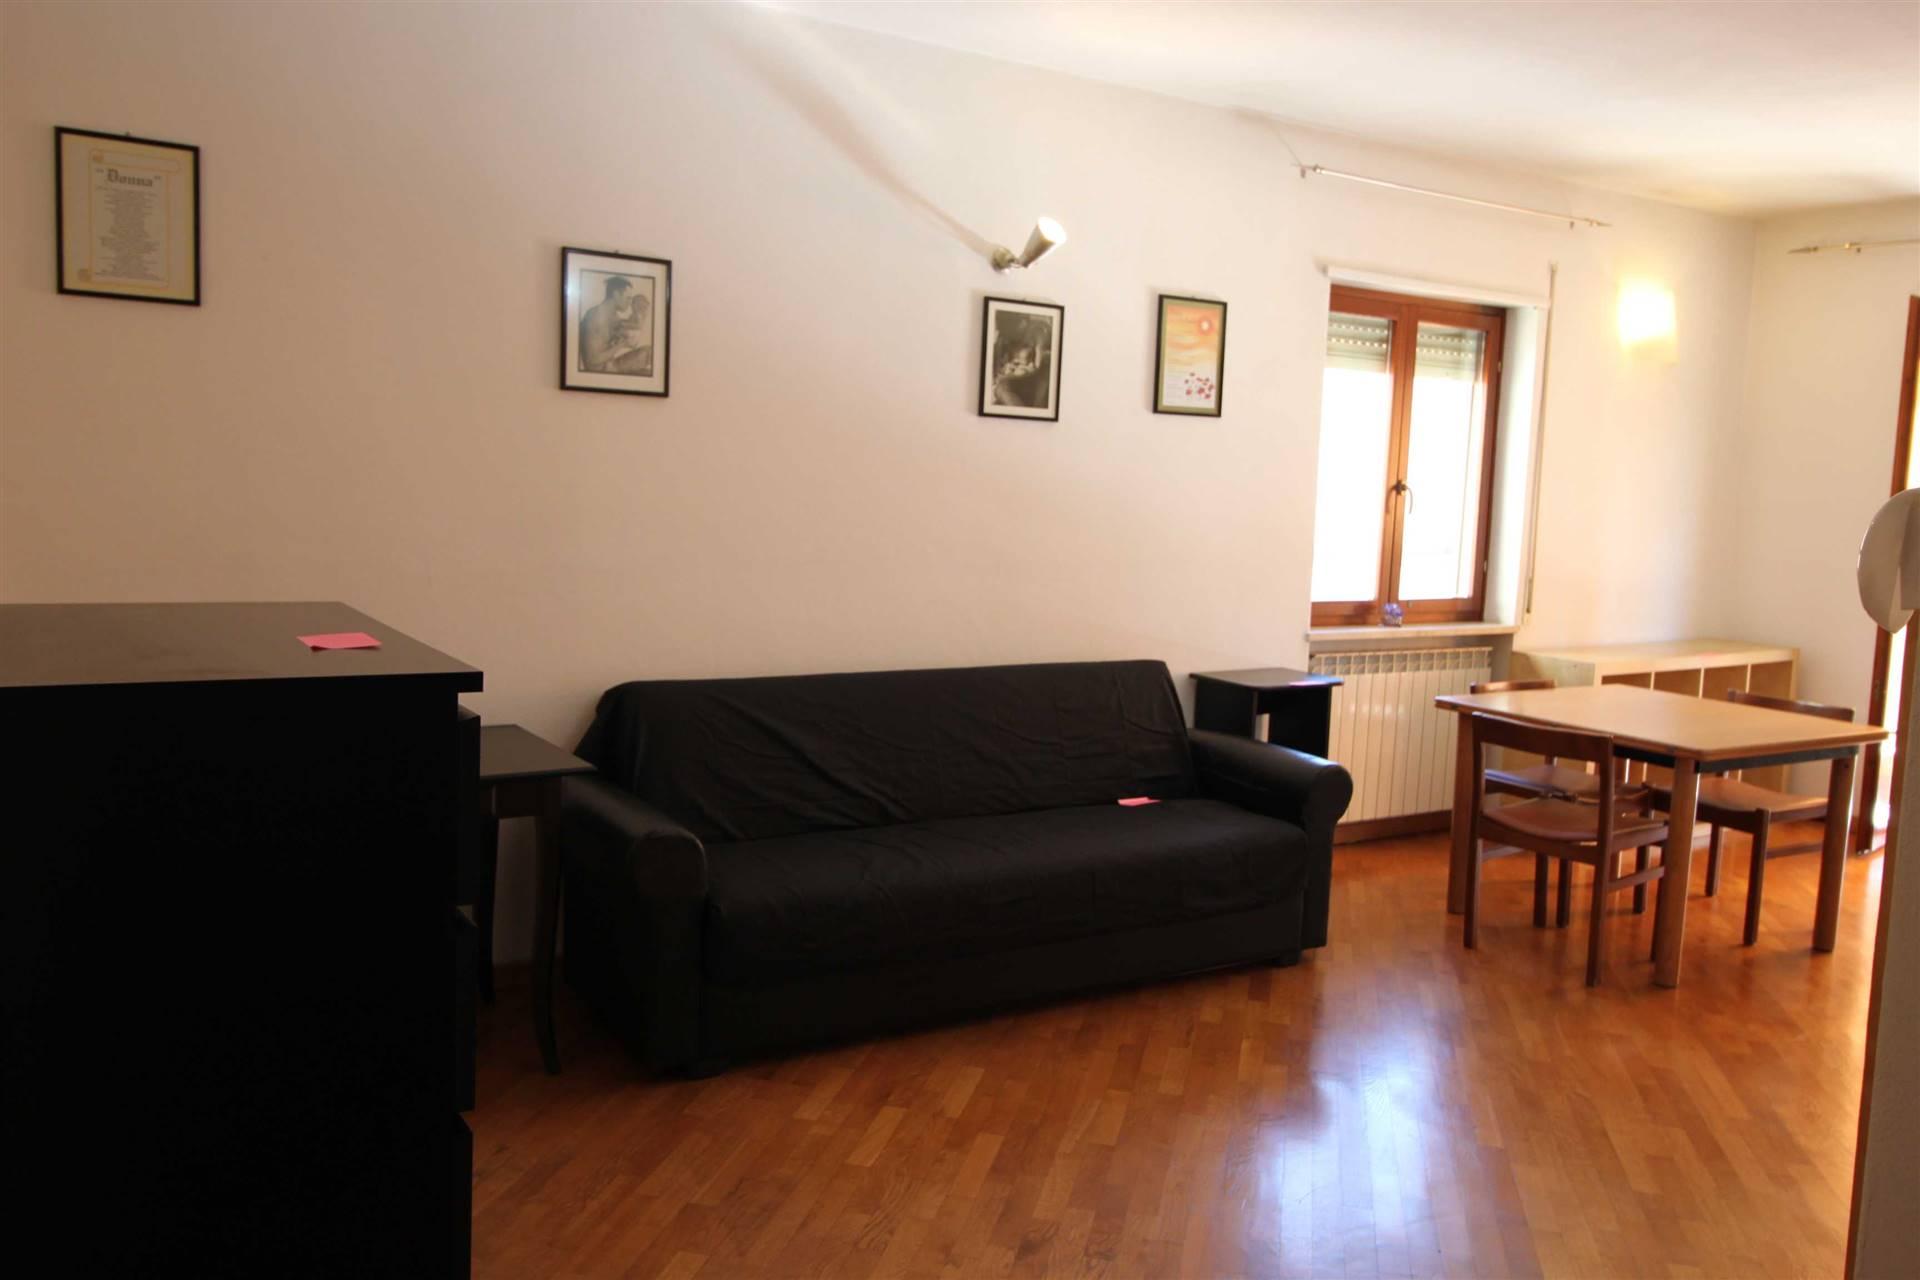 EUROPA, GROSSETO, Wohnung zu verkaufen von 56 Qm, Beste ausstattung, Heizung Unabhaengig, Energie-klasse: G, Epi: 137,074 kwh/m2 jahr, am boden 2°